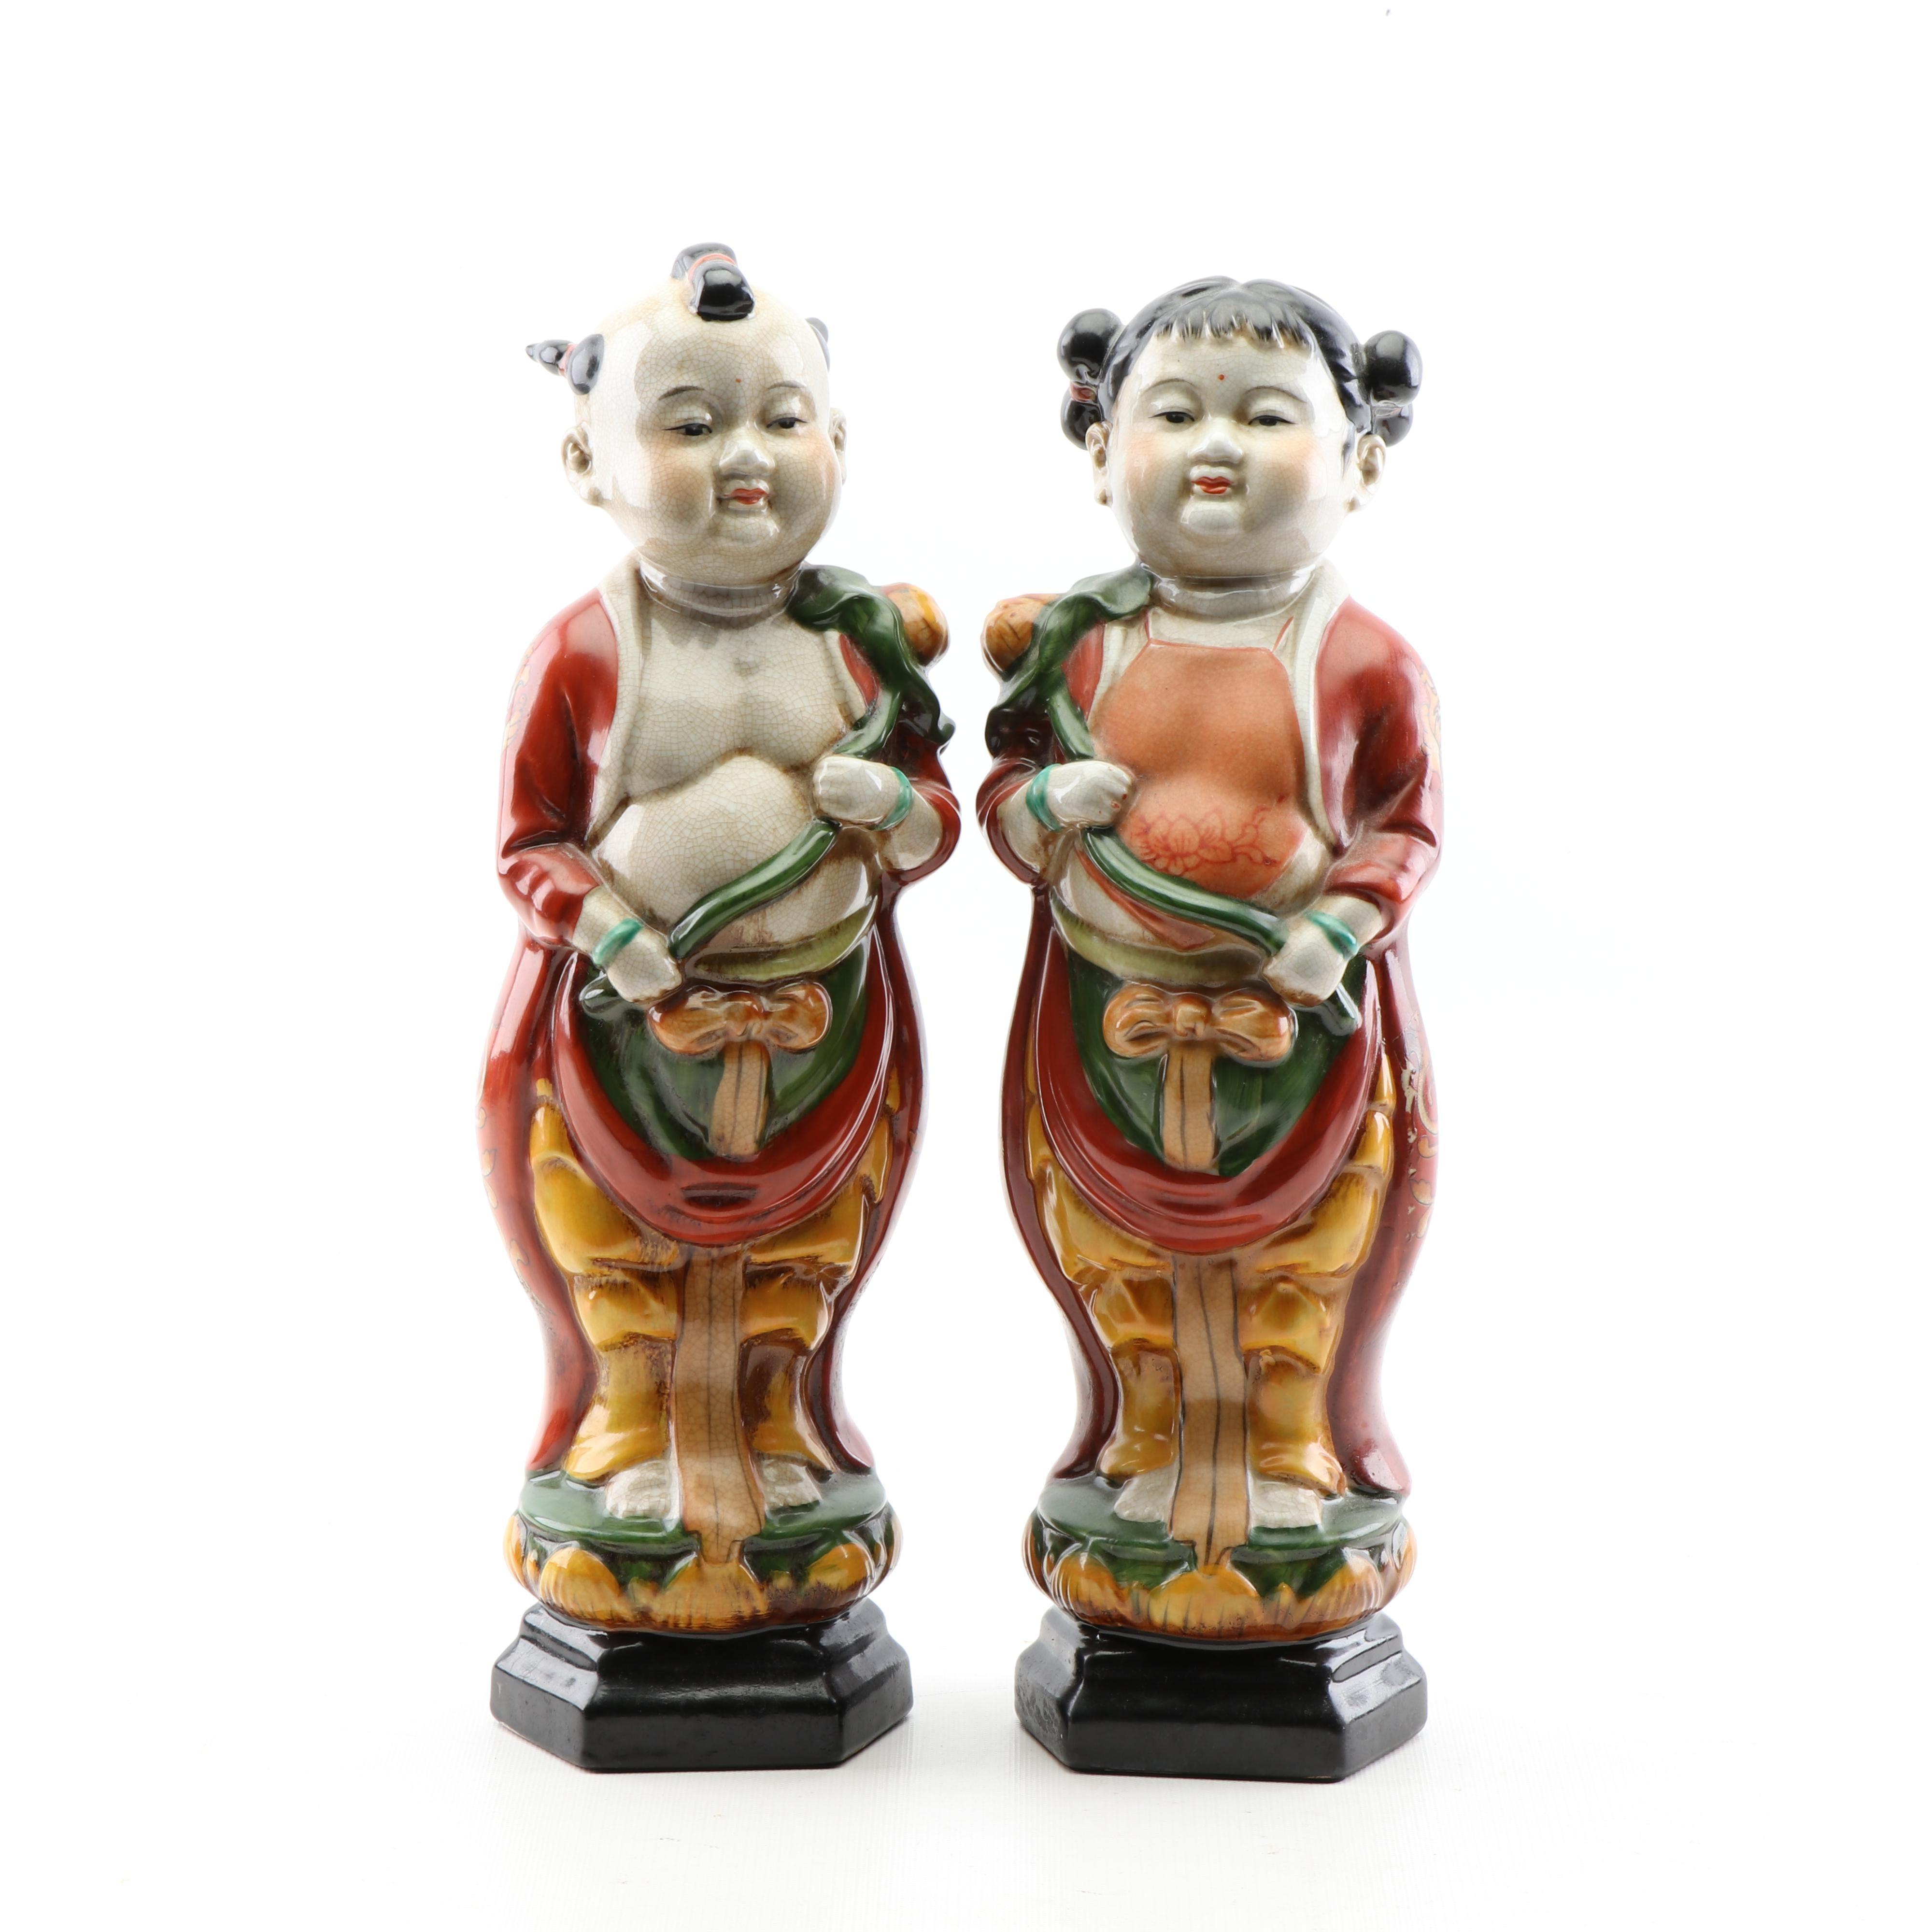 Chinese Inspired Ceramic Figurines